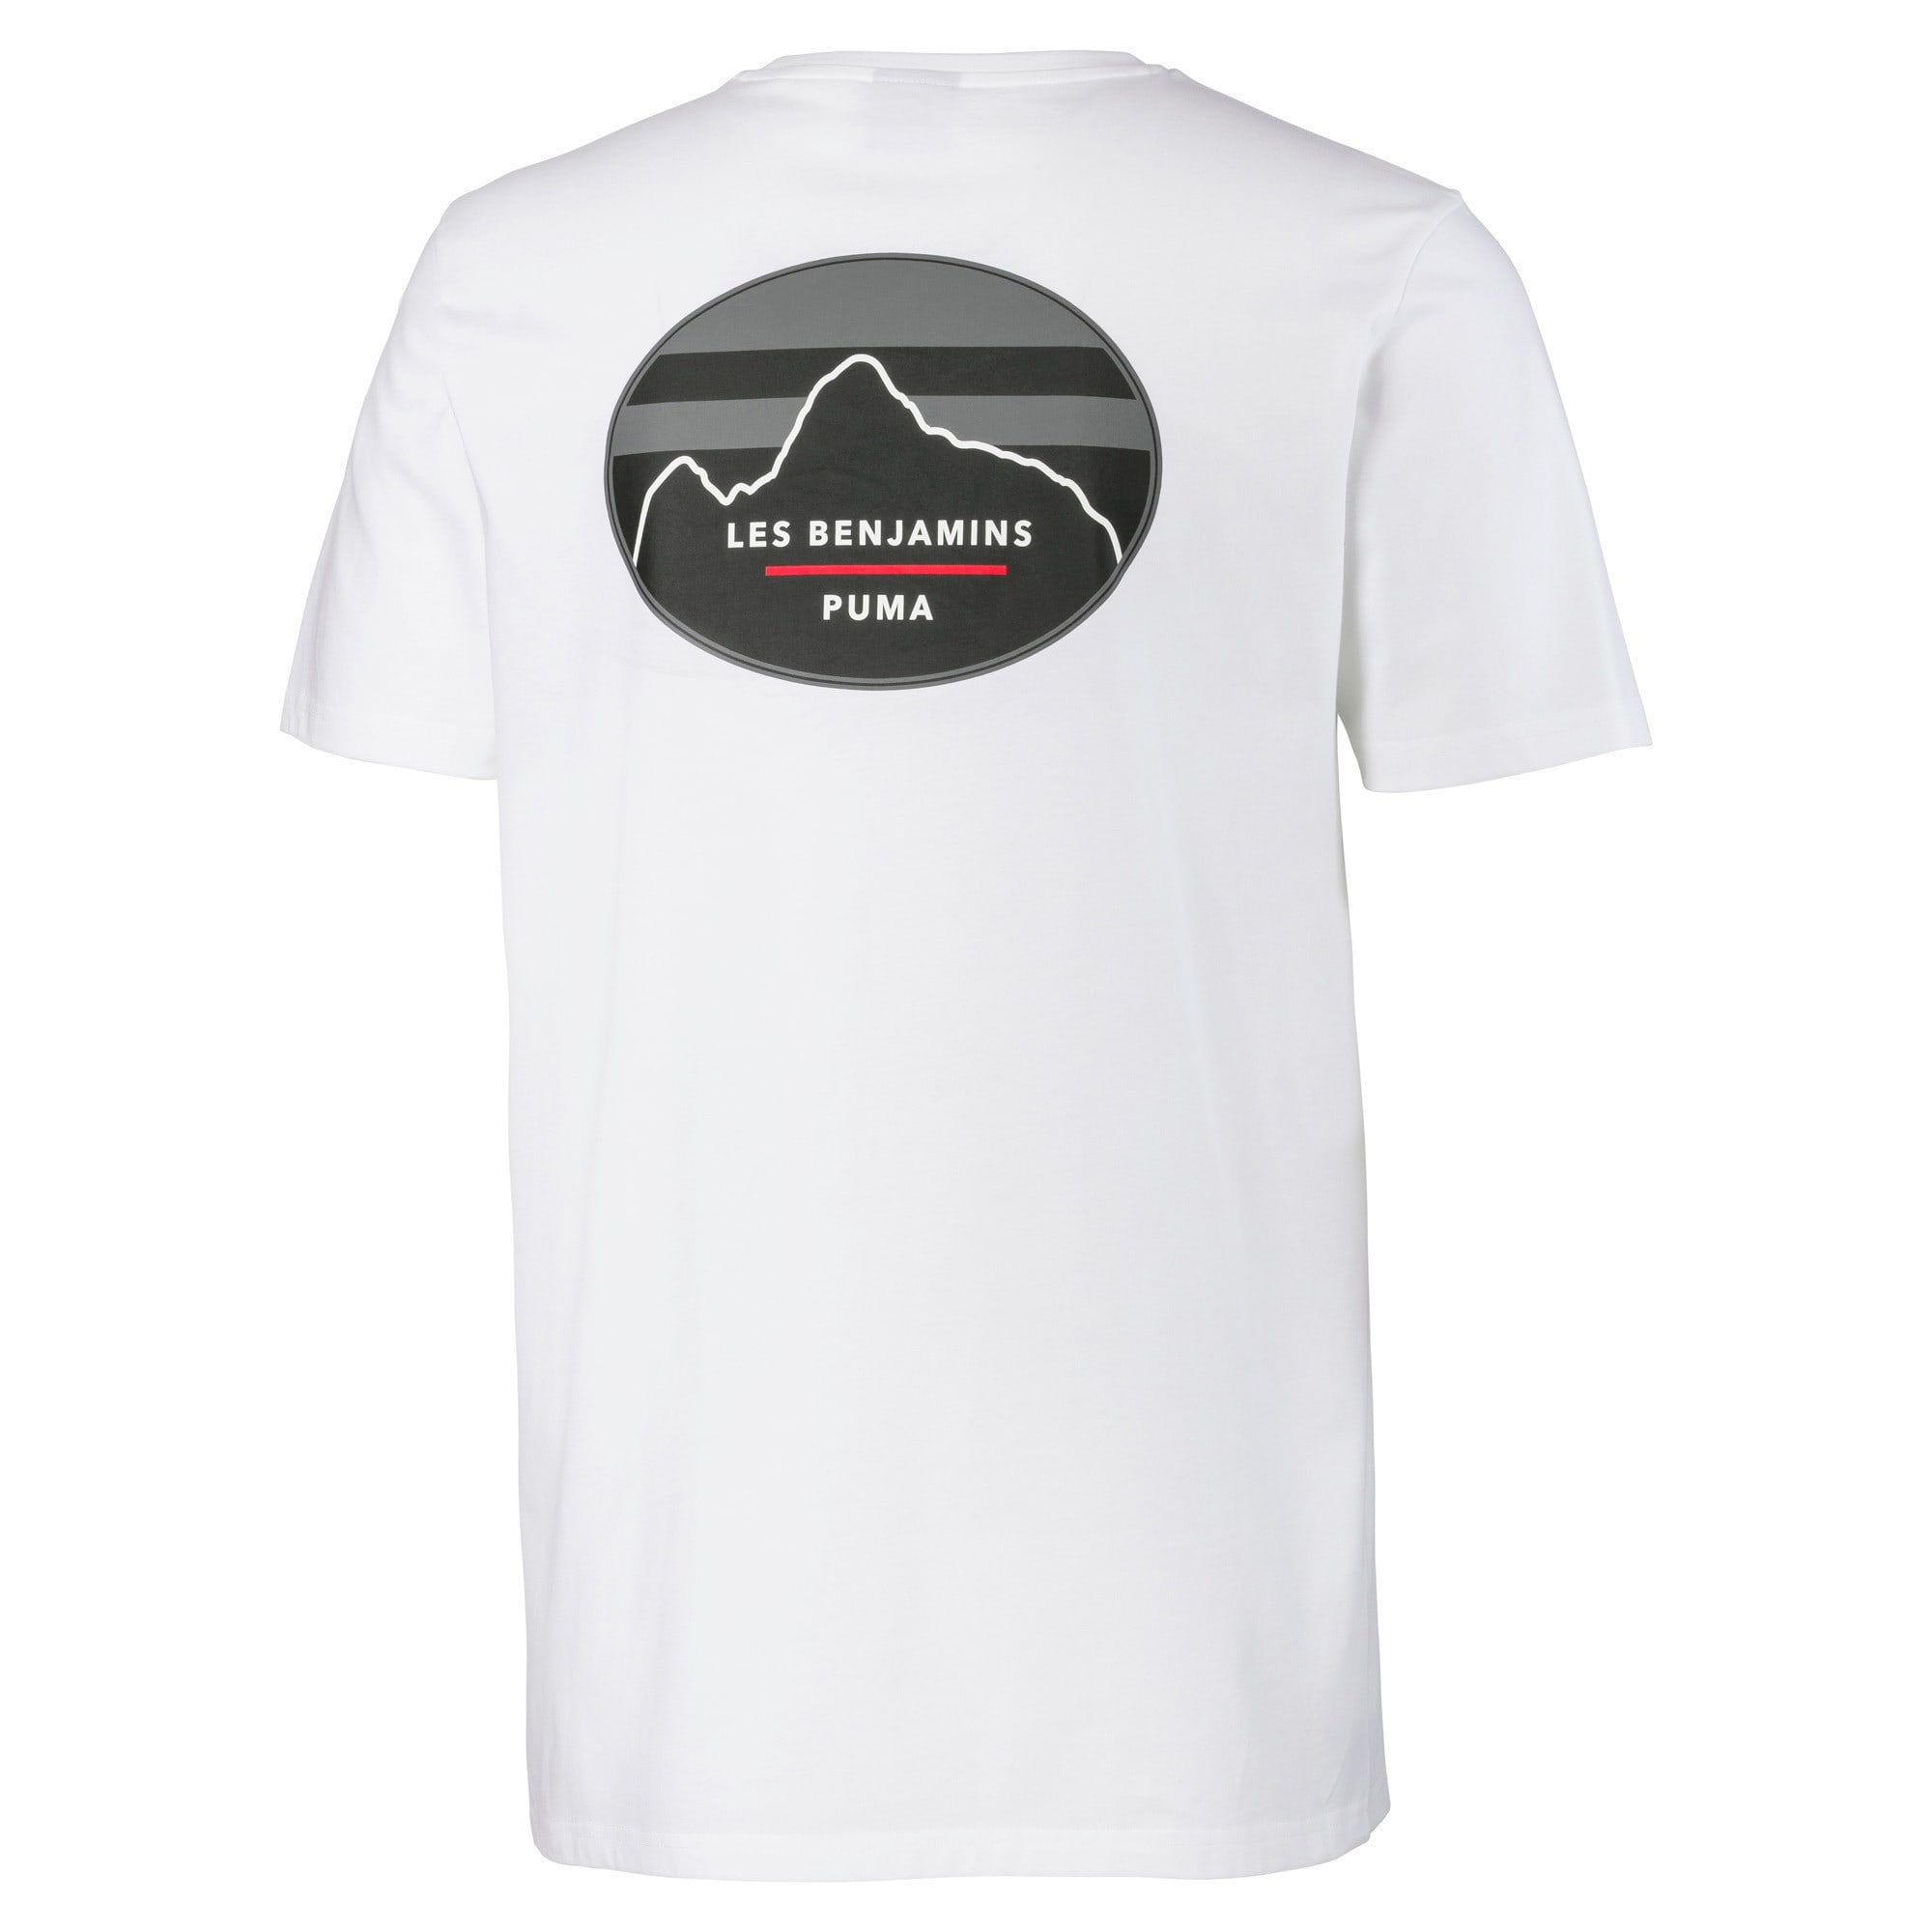 Miniatura 5 de Camiseta PUMA x LES BENJAMINS para hombre, Puma White, mediano